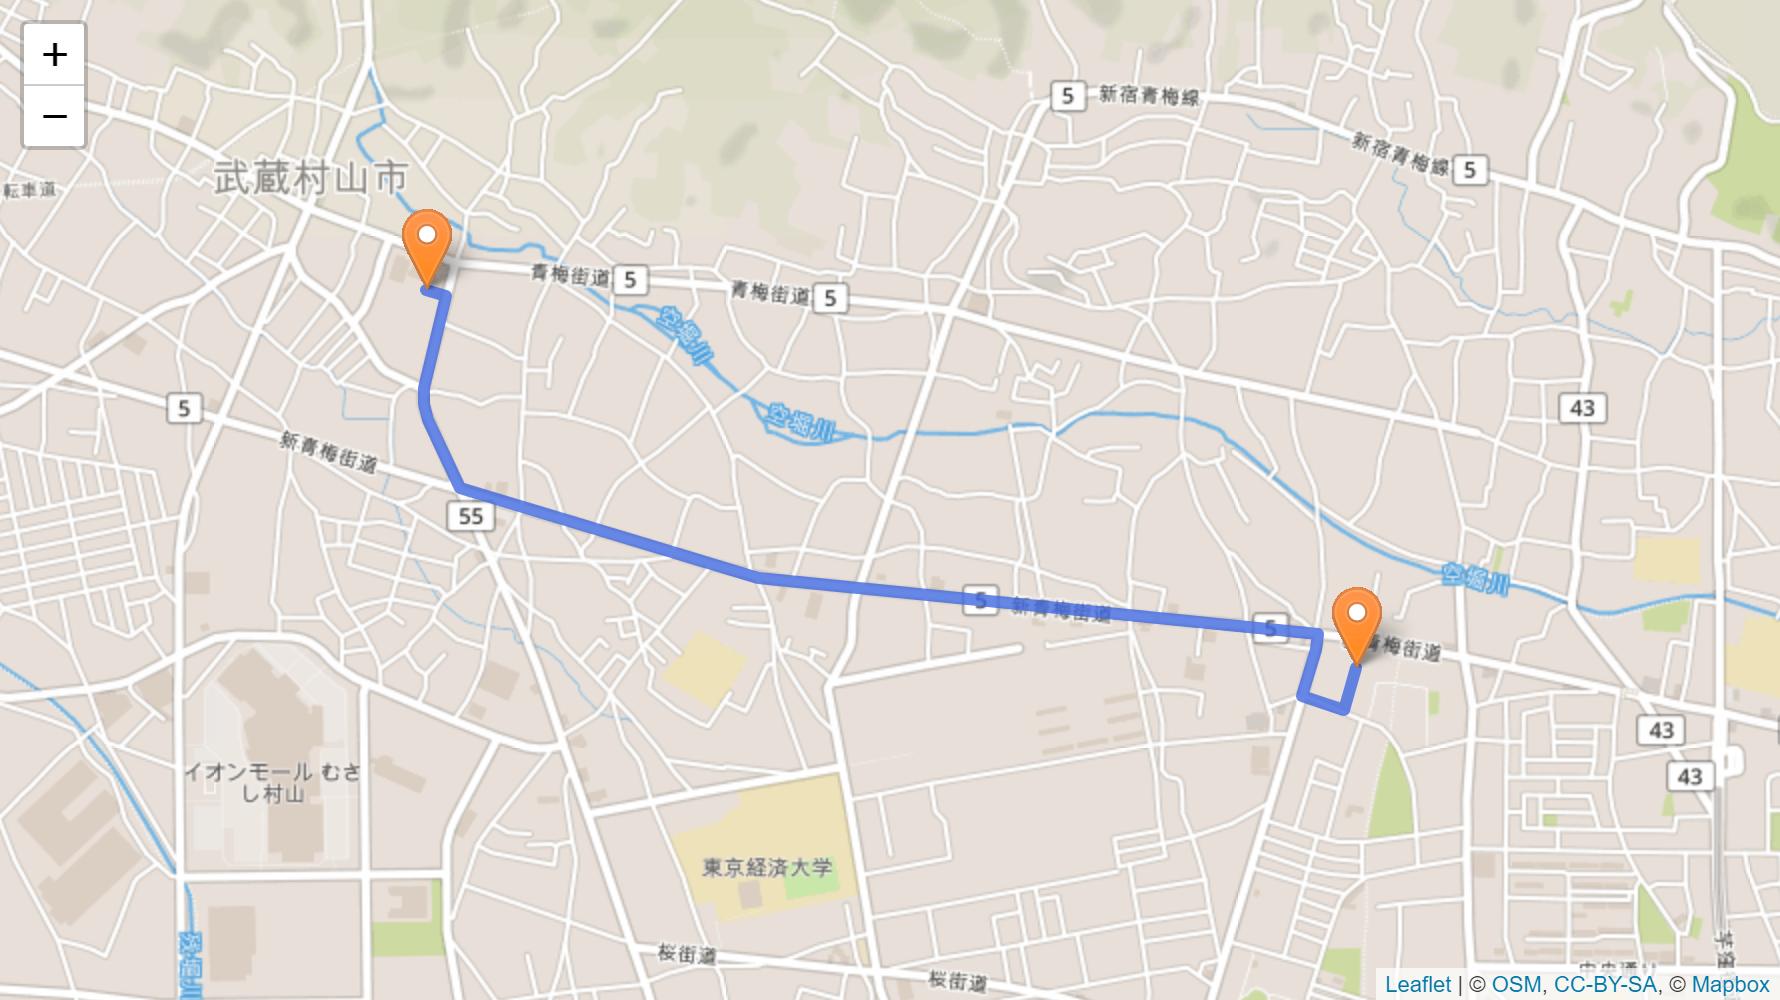 武蔵村山市 聖火リレーの情報